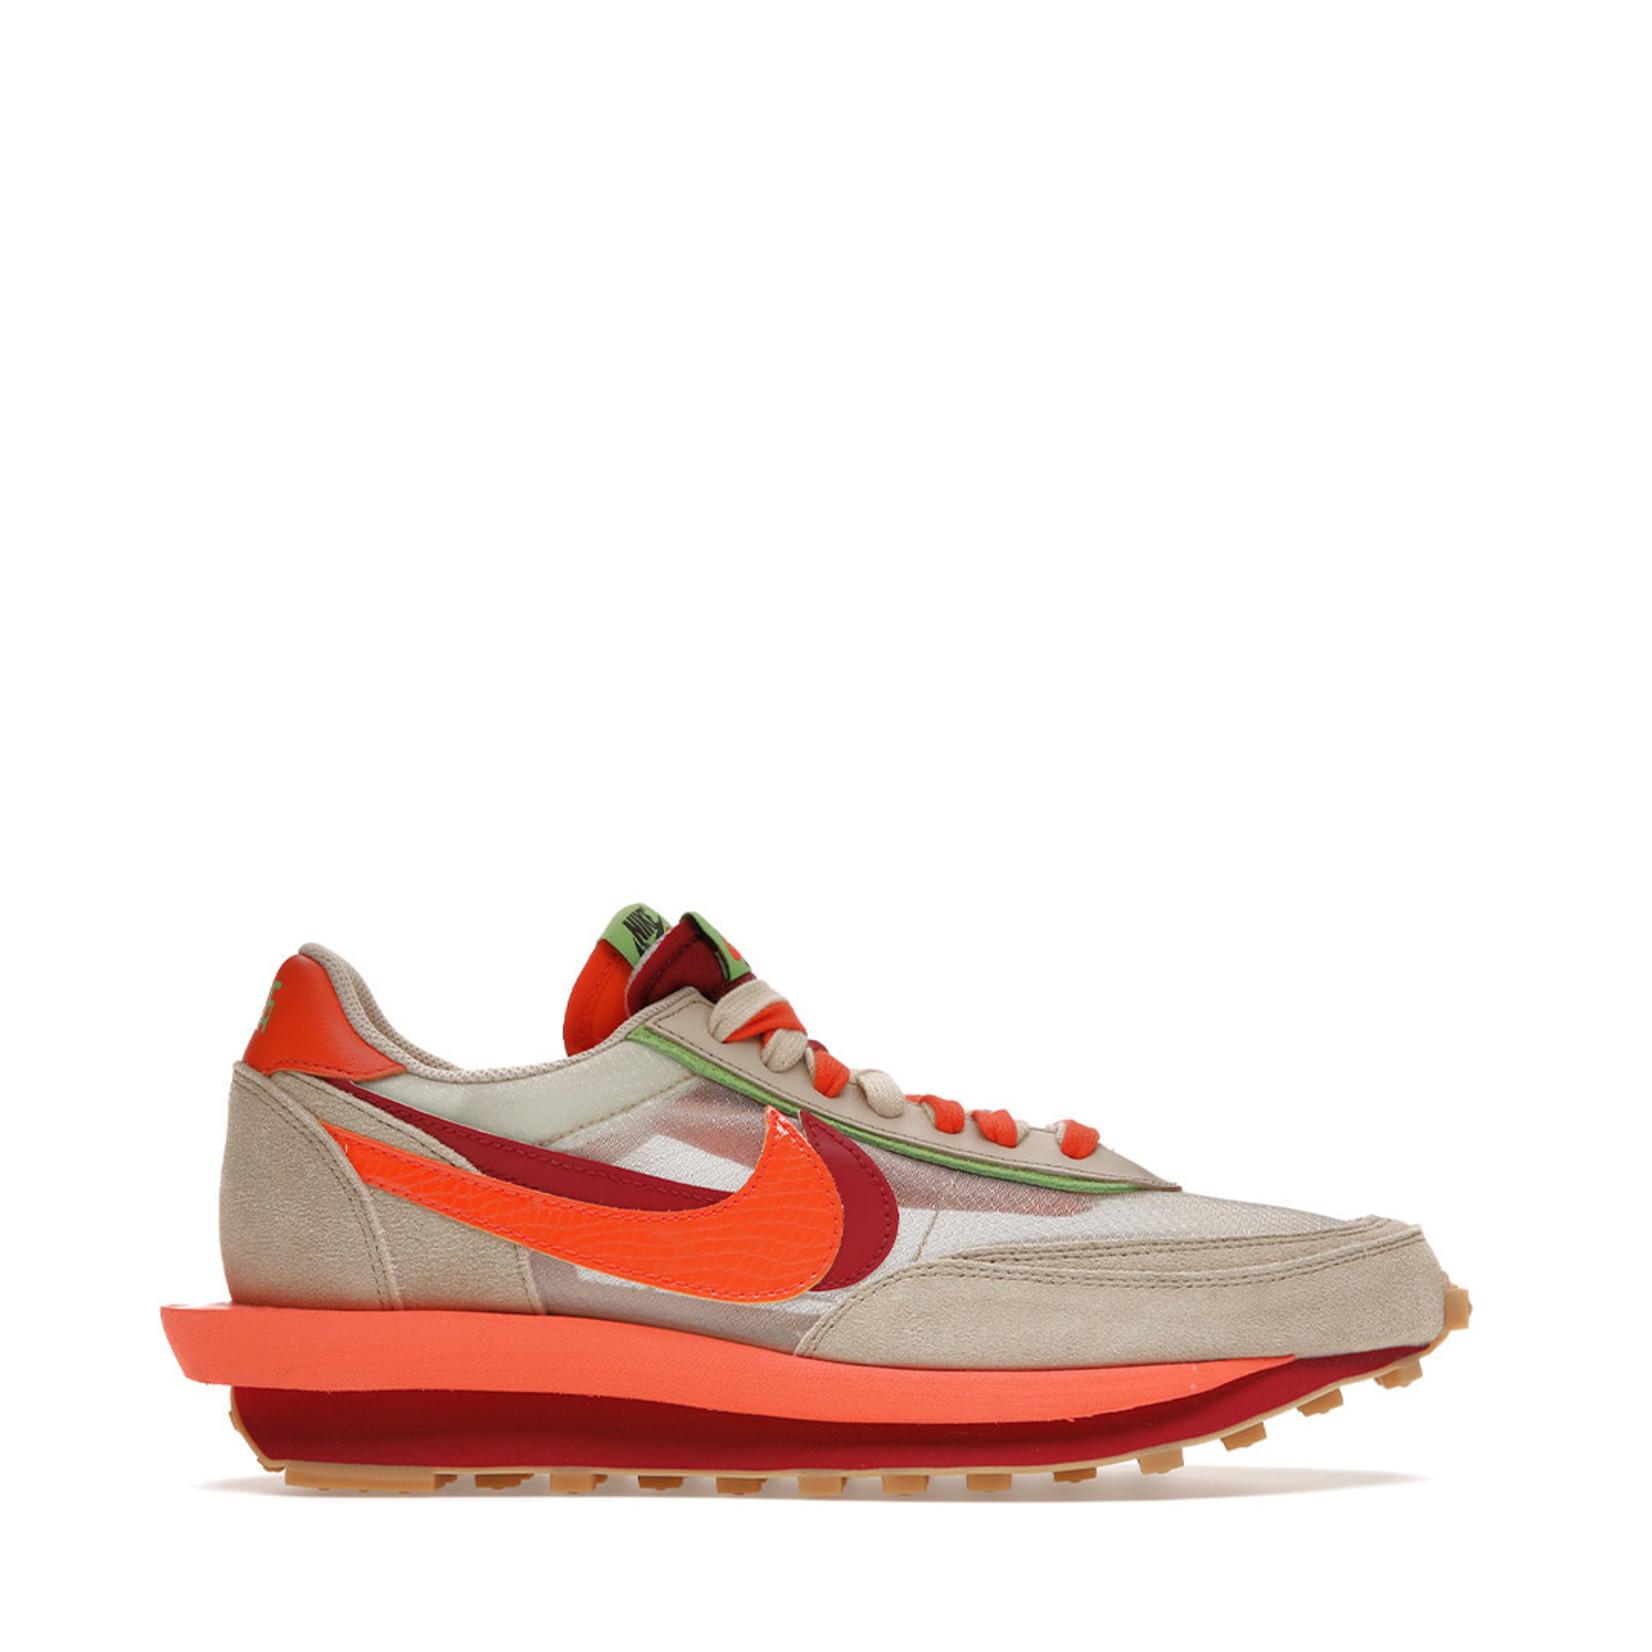 Nike Nike LD Waffle sacai CLOT Net Orange Blaze